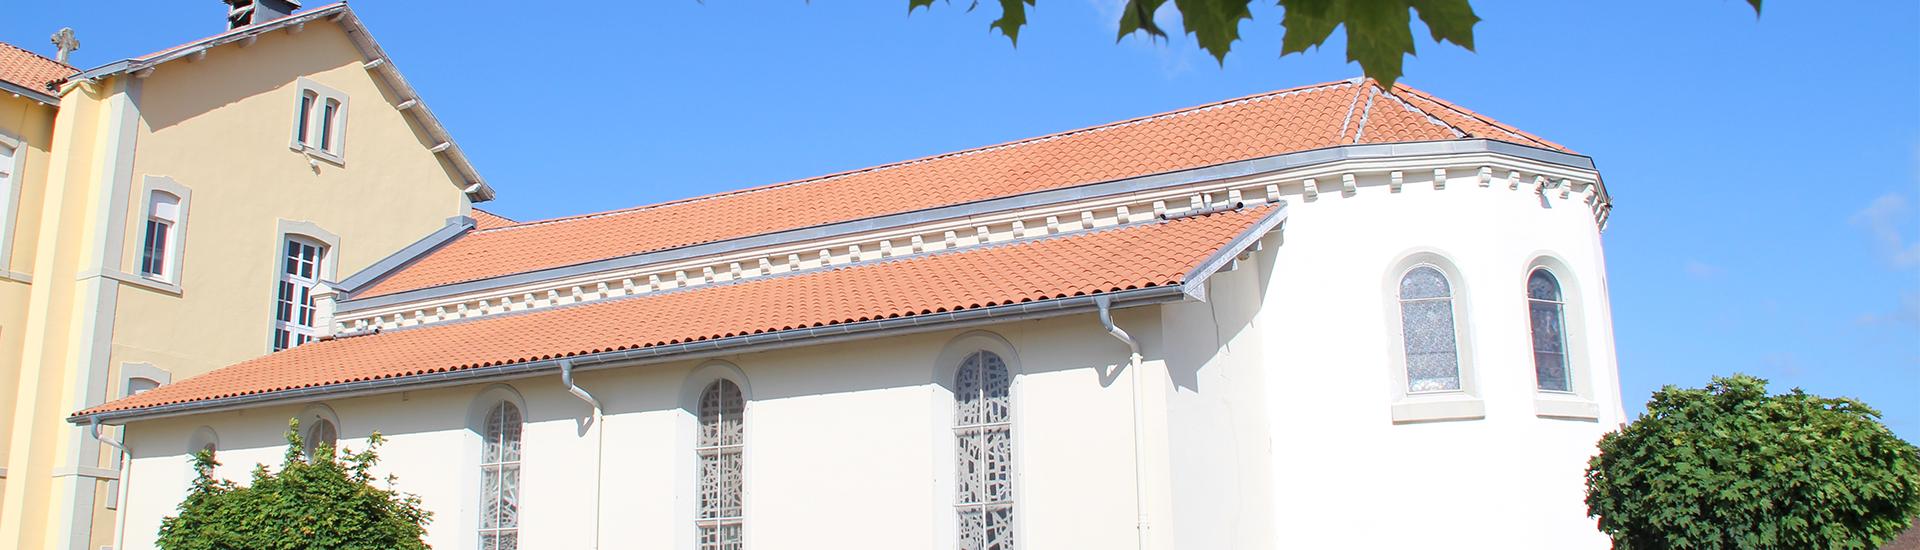 Groupe scolaire Saint Jacques de Compostelle